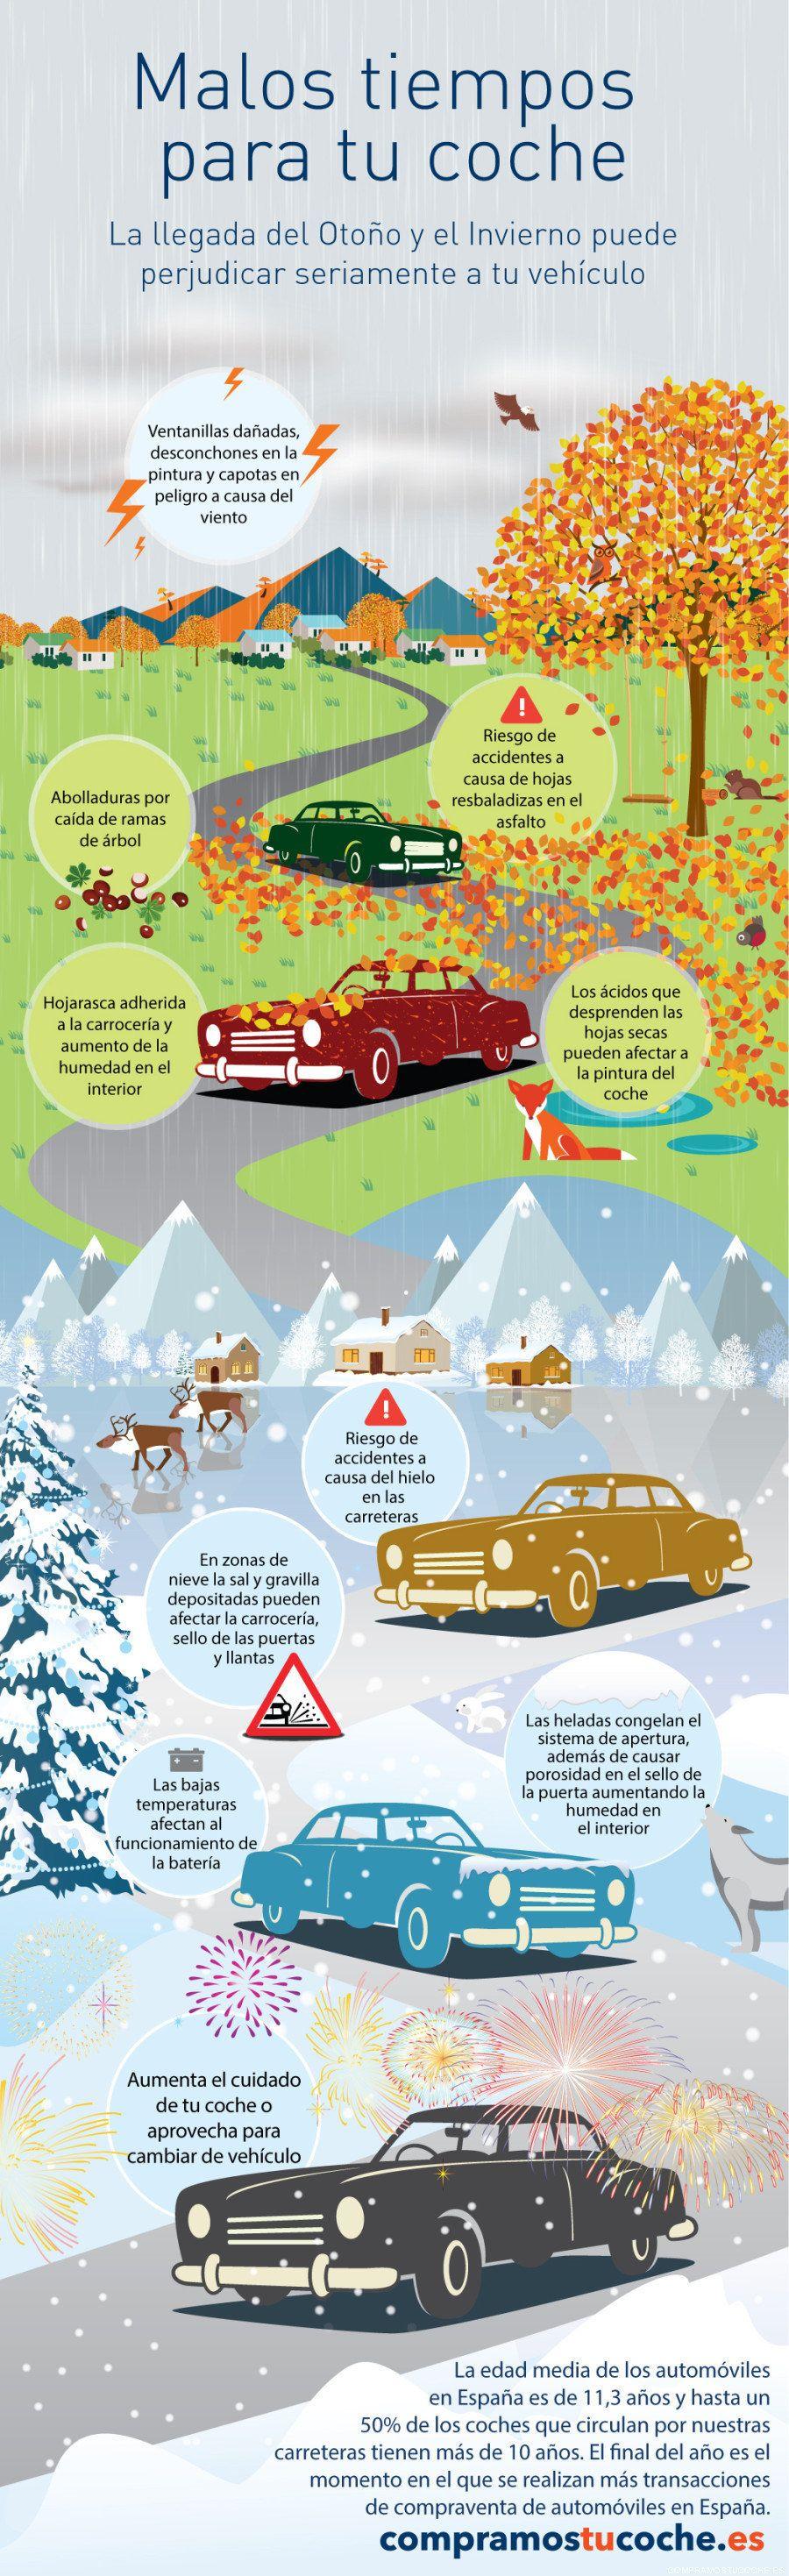 El riesgo del mal tiempo para coches y viajes en carretera